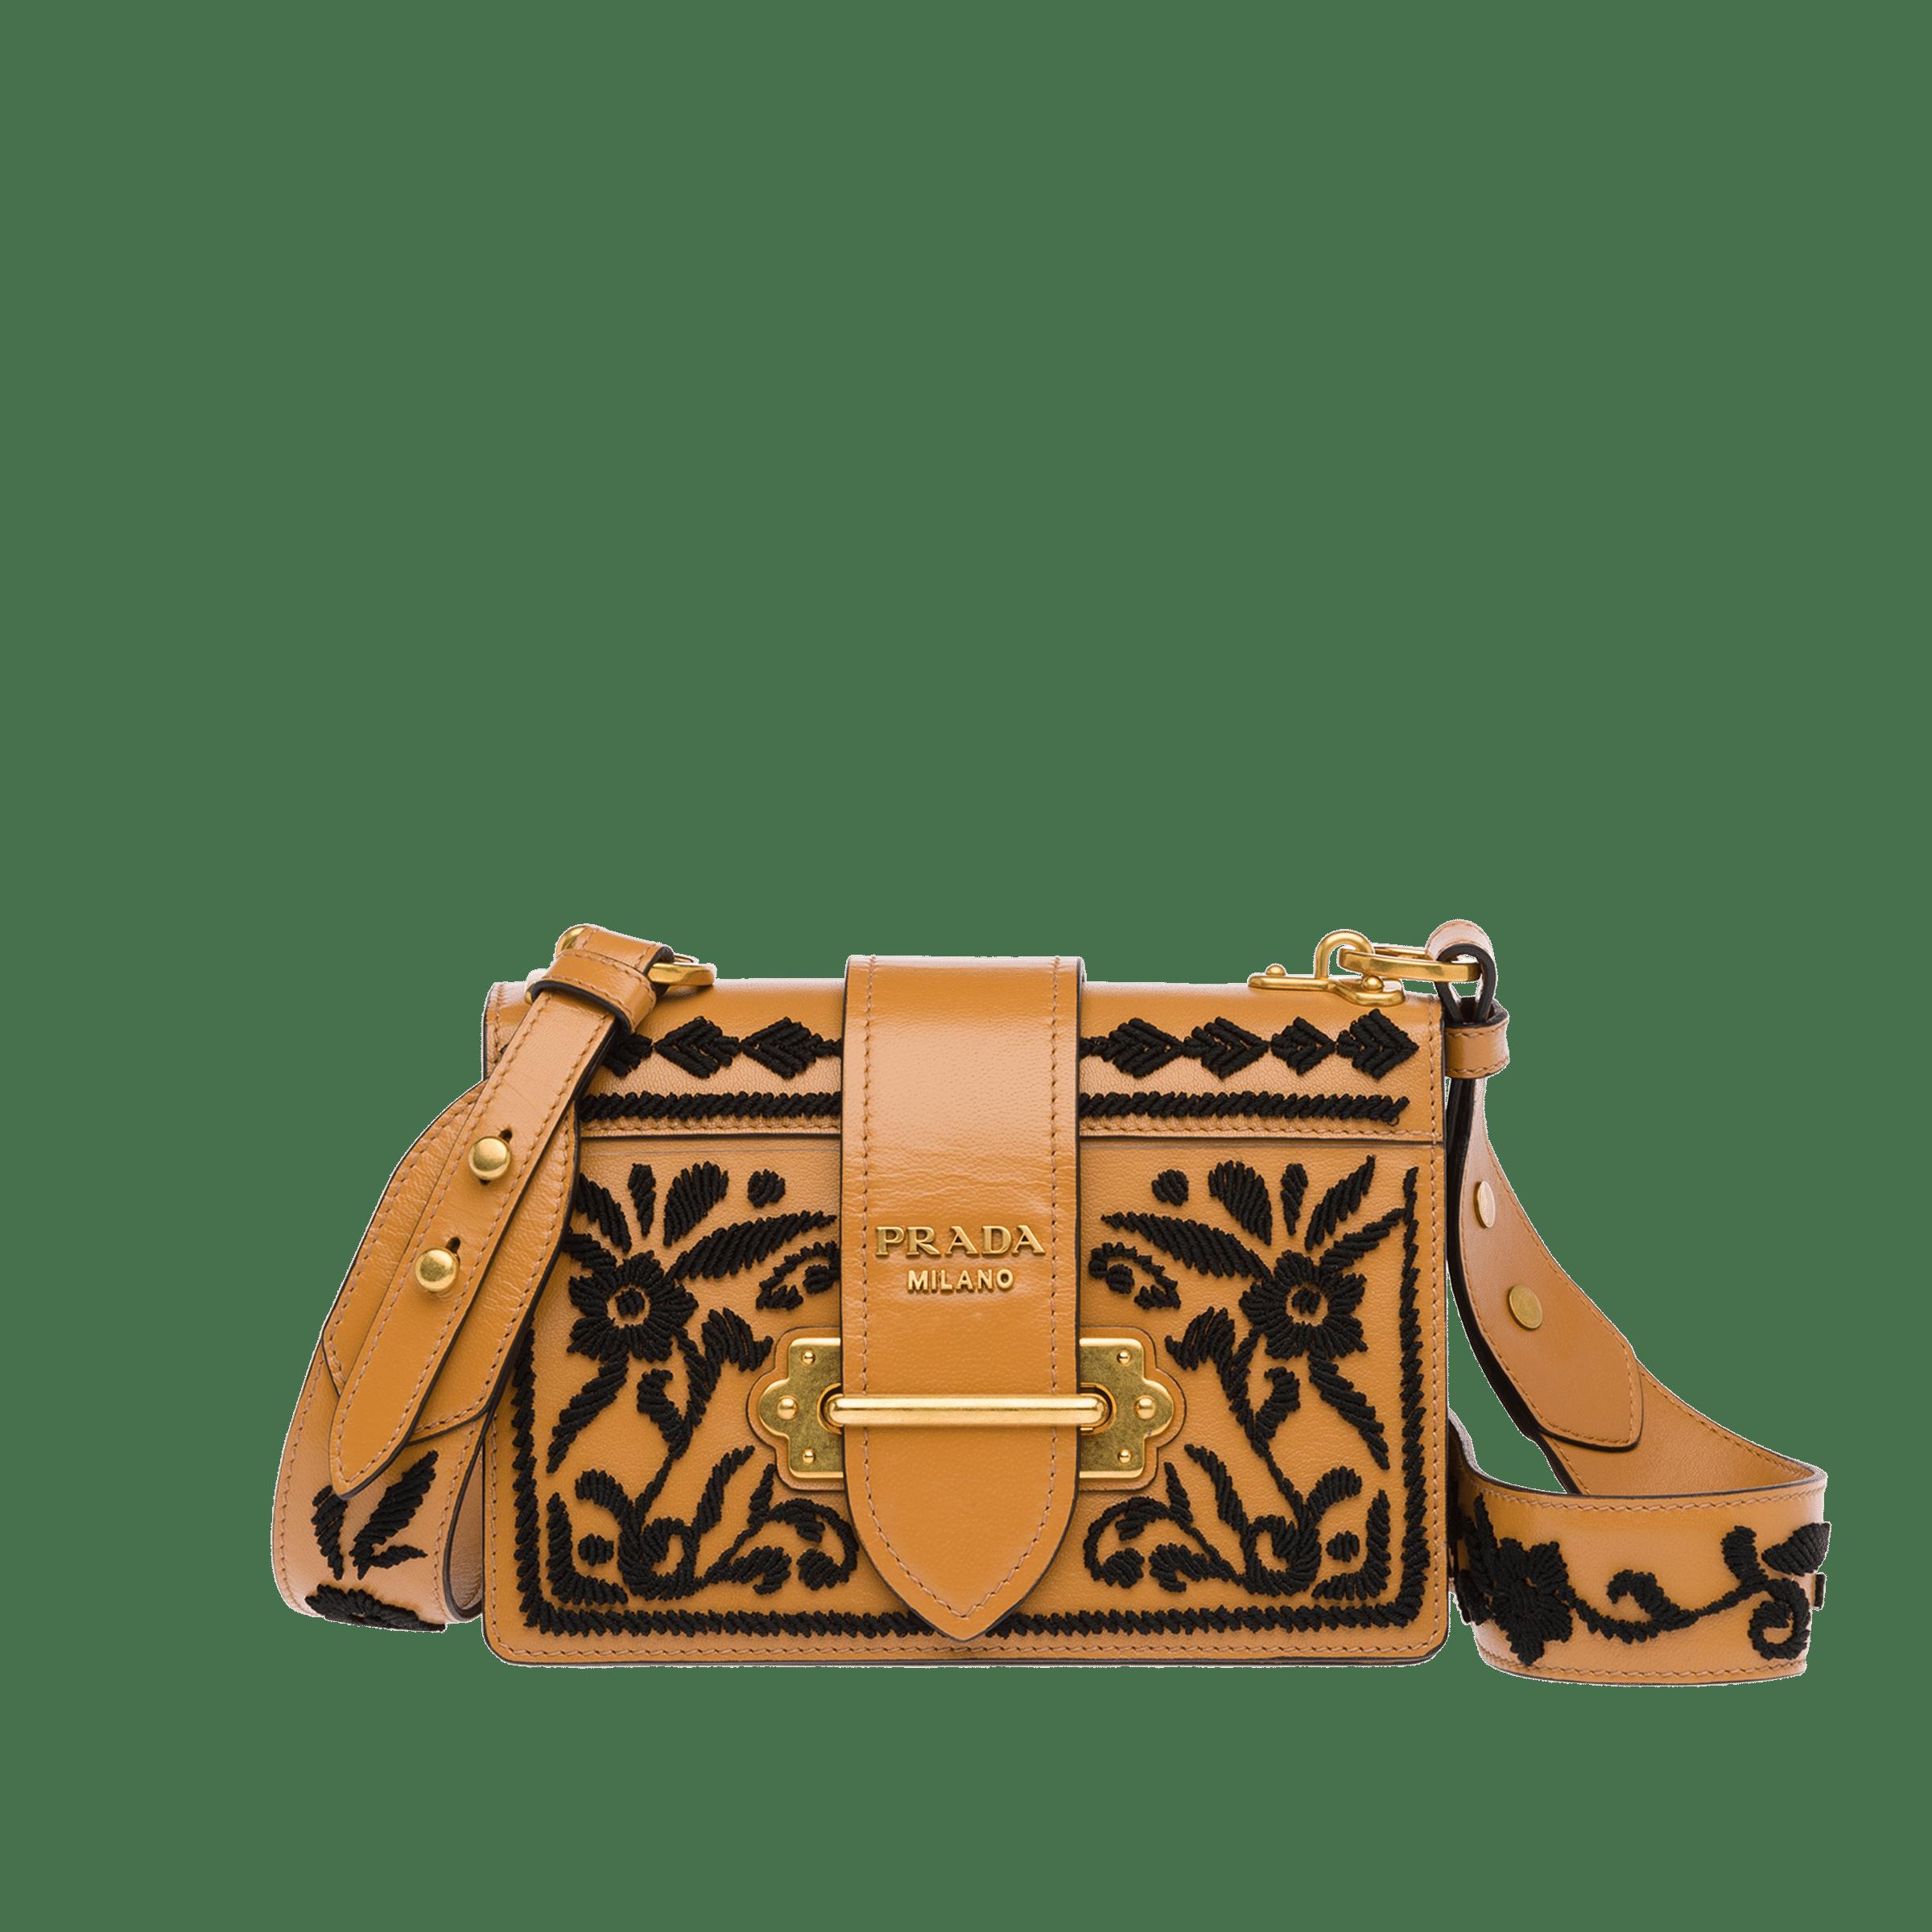 602e658fb4 Wicker and leather shoulder bag | B A G S | Bags, Prada cahier bag ...